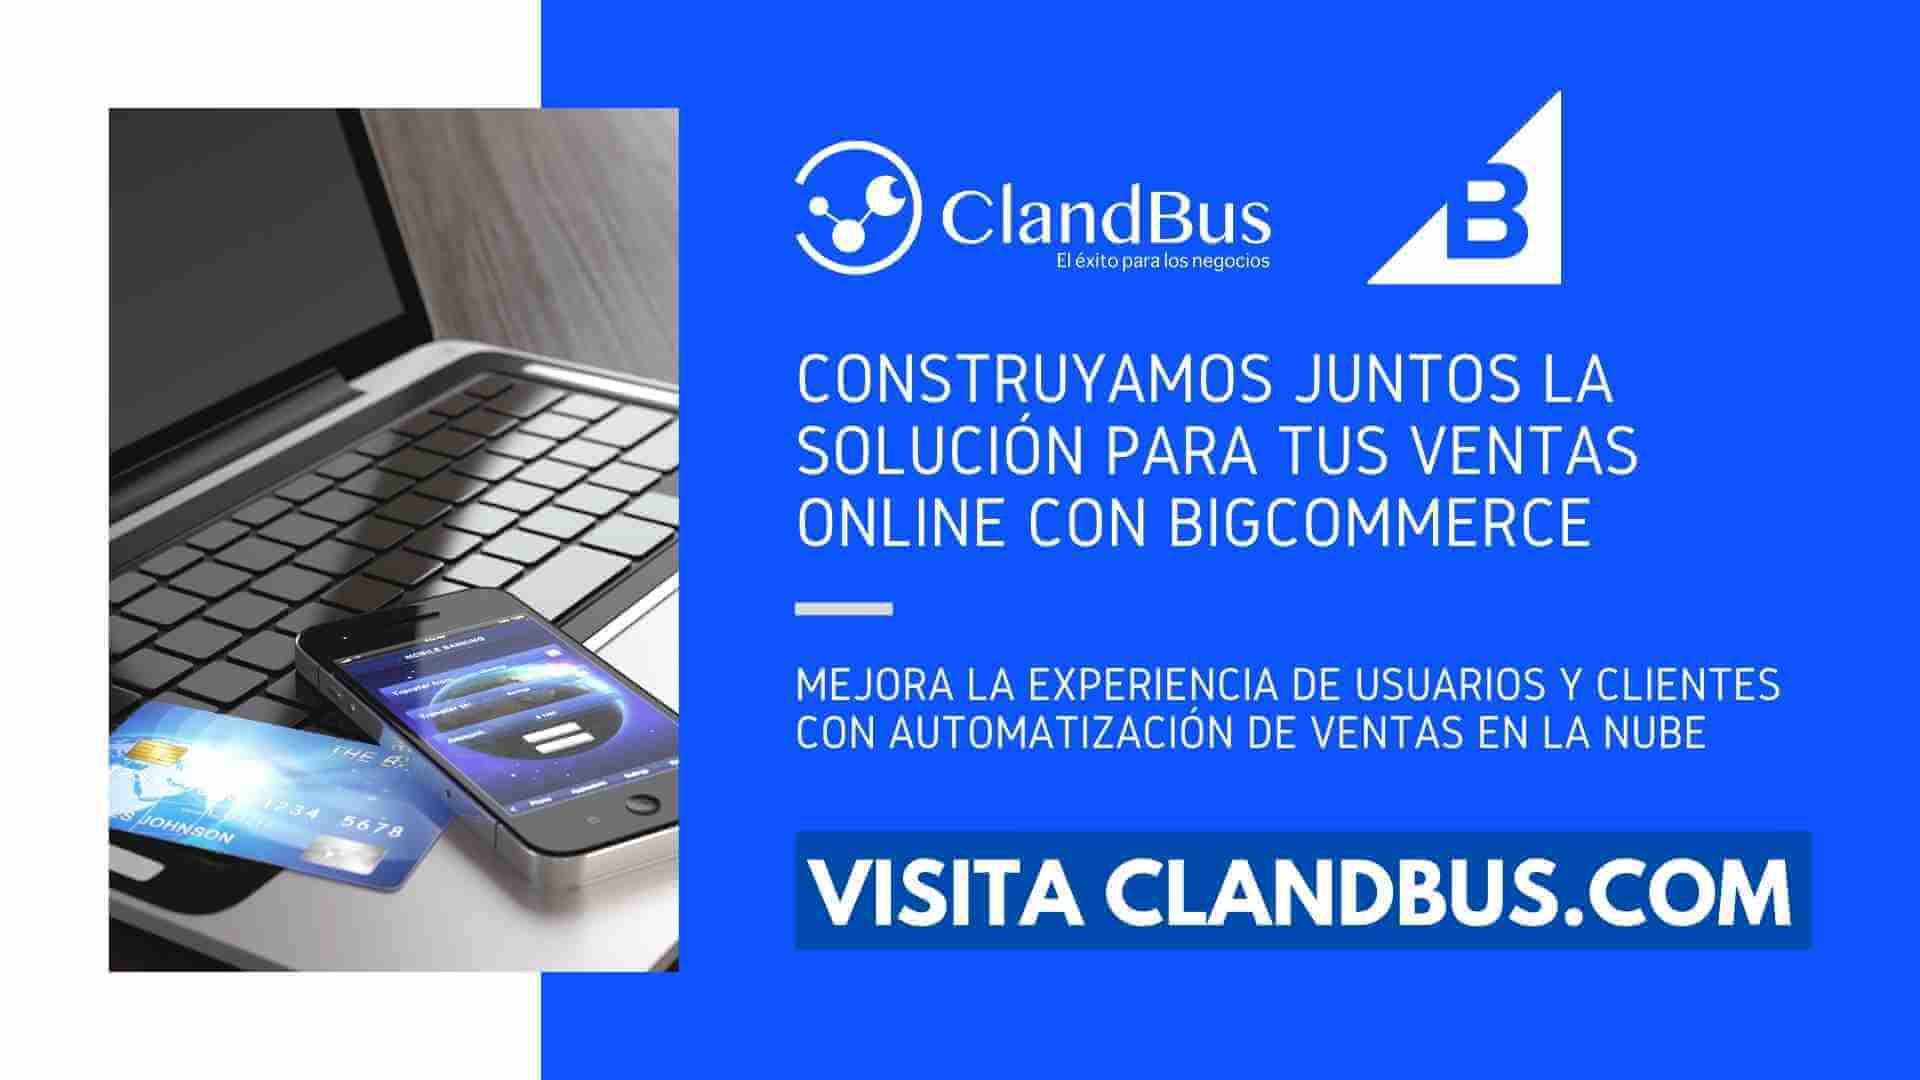 Características de BigCommerce -Construyamos juntos la solución para tus ventas online con bigcommerce con ayuda de ClandBus